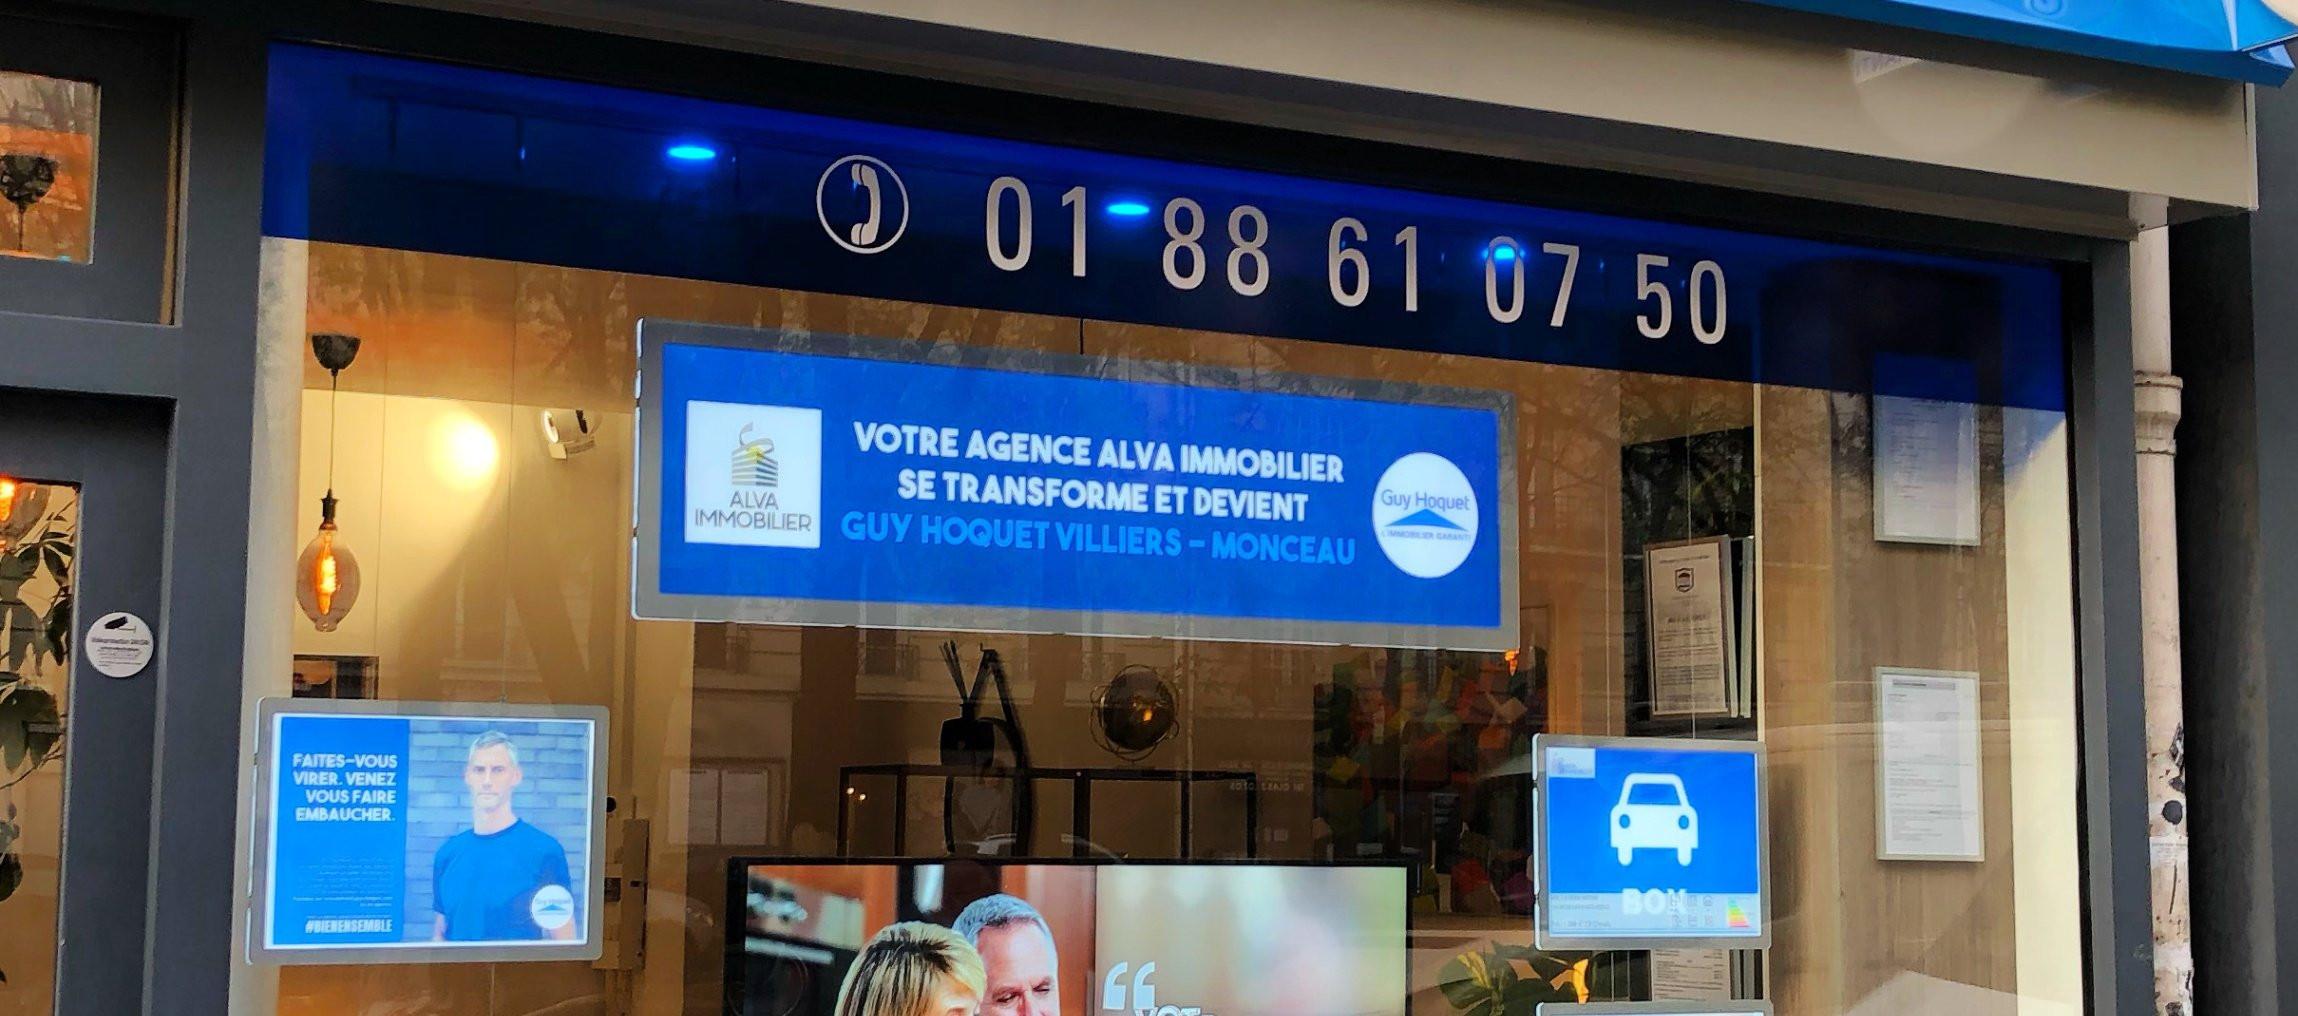 Agence Guy Hoquet PARIS 17 VILLIERS MONCEAU